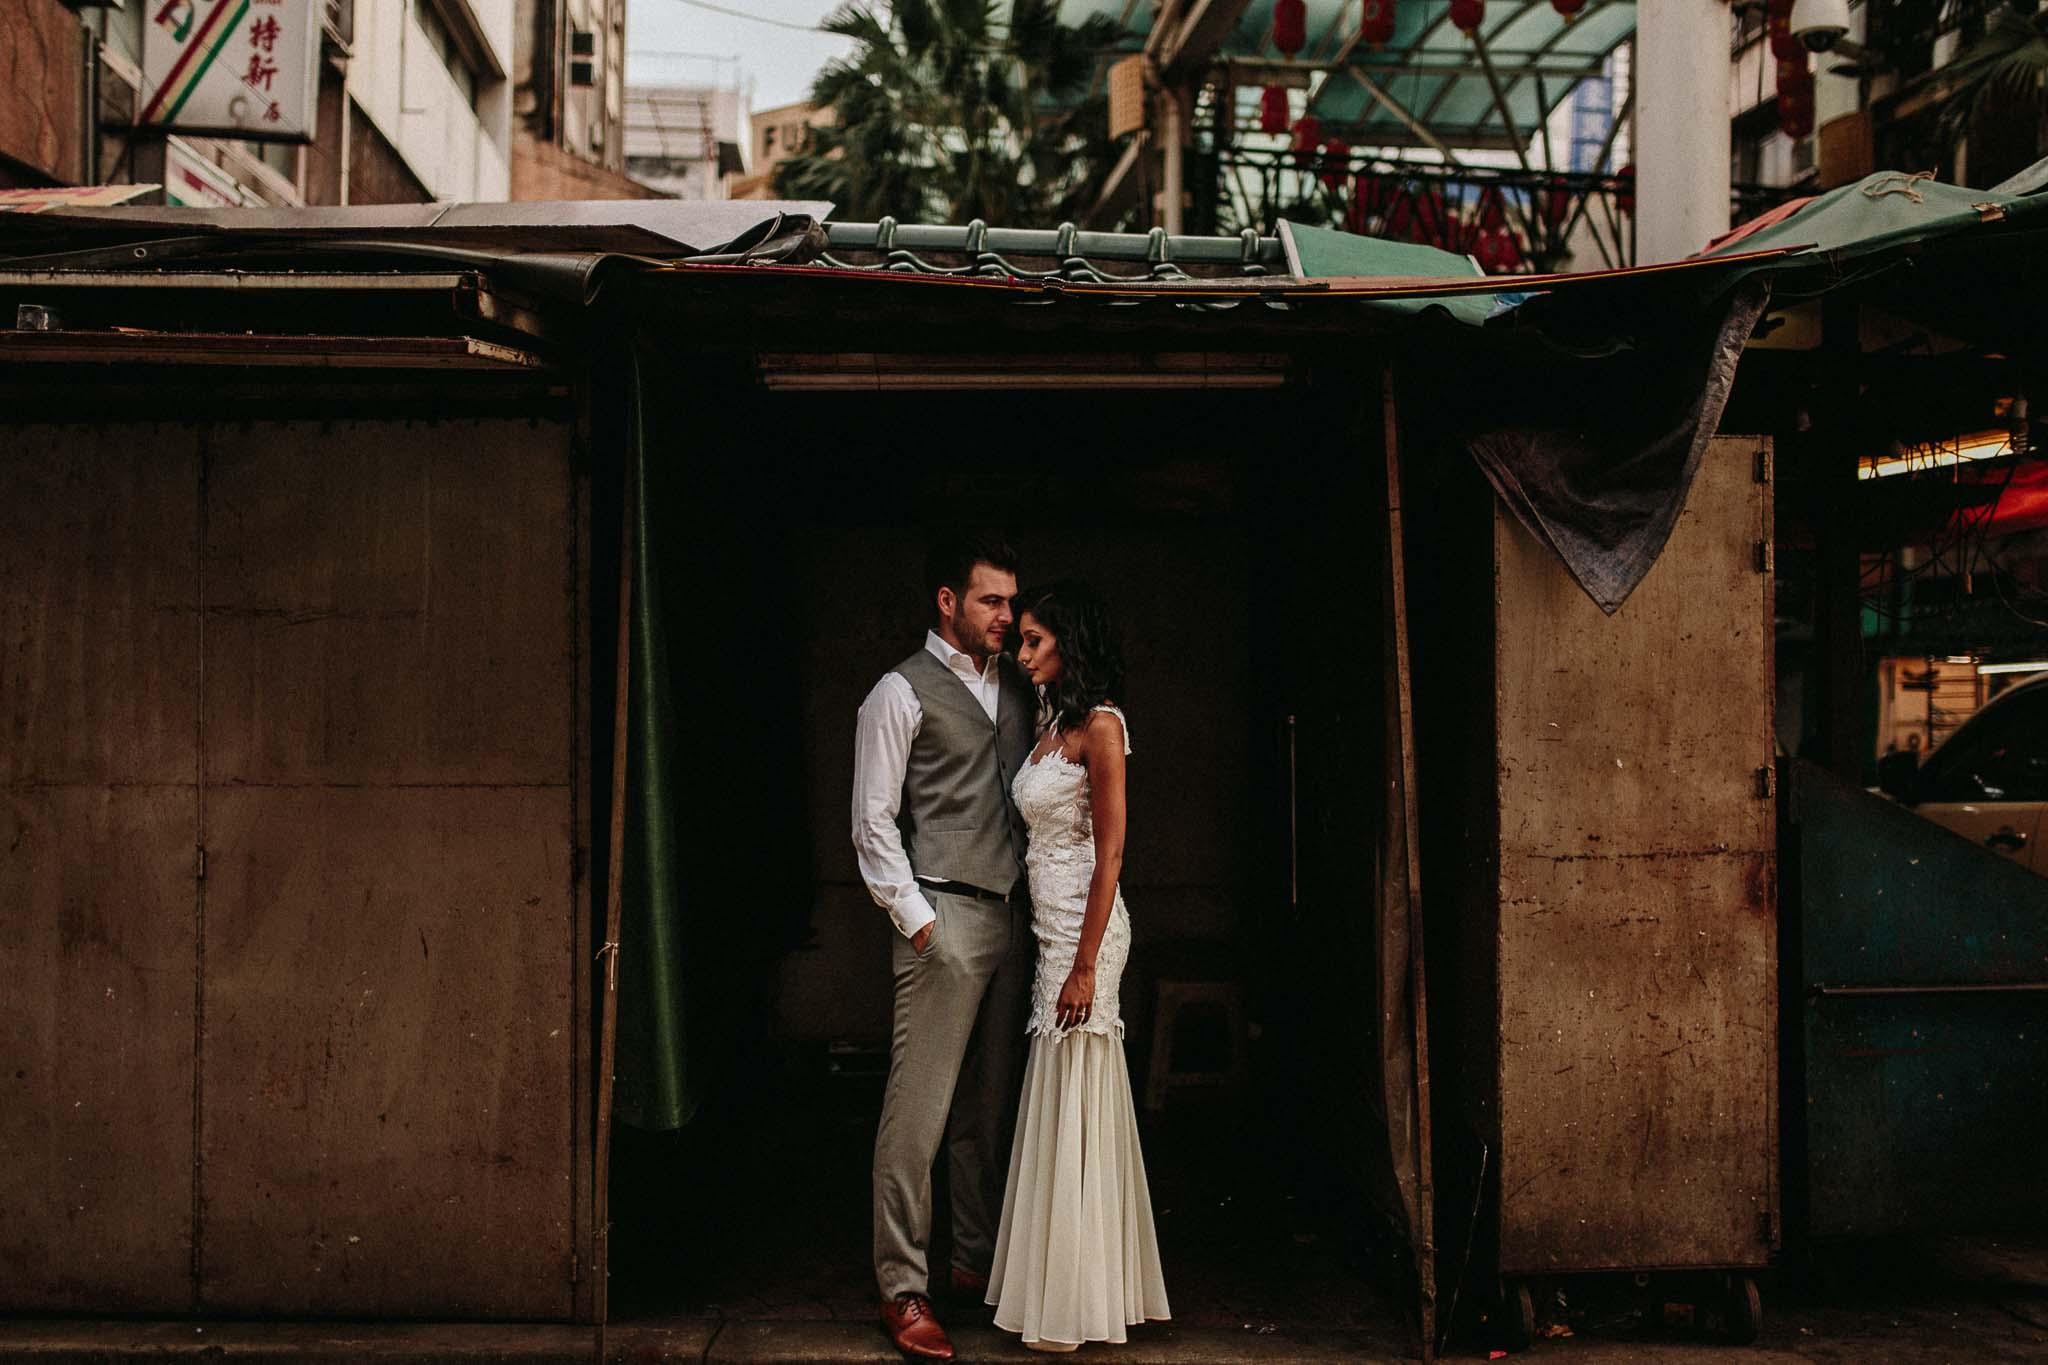 u&m-weddingsbyqay-lovesession-destinationweddingphotographer (40 of 160).jpg